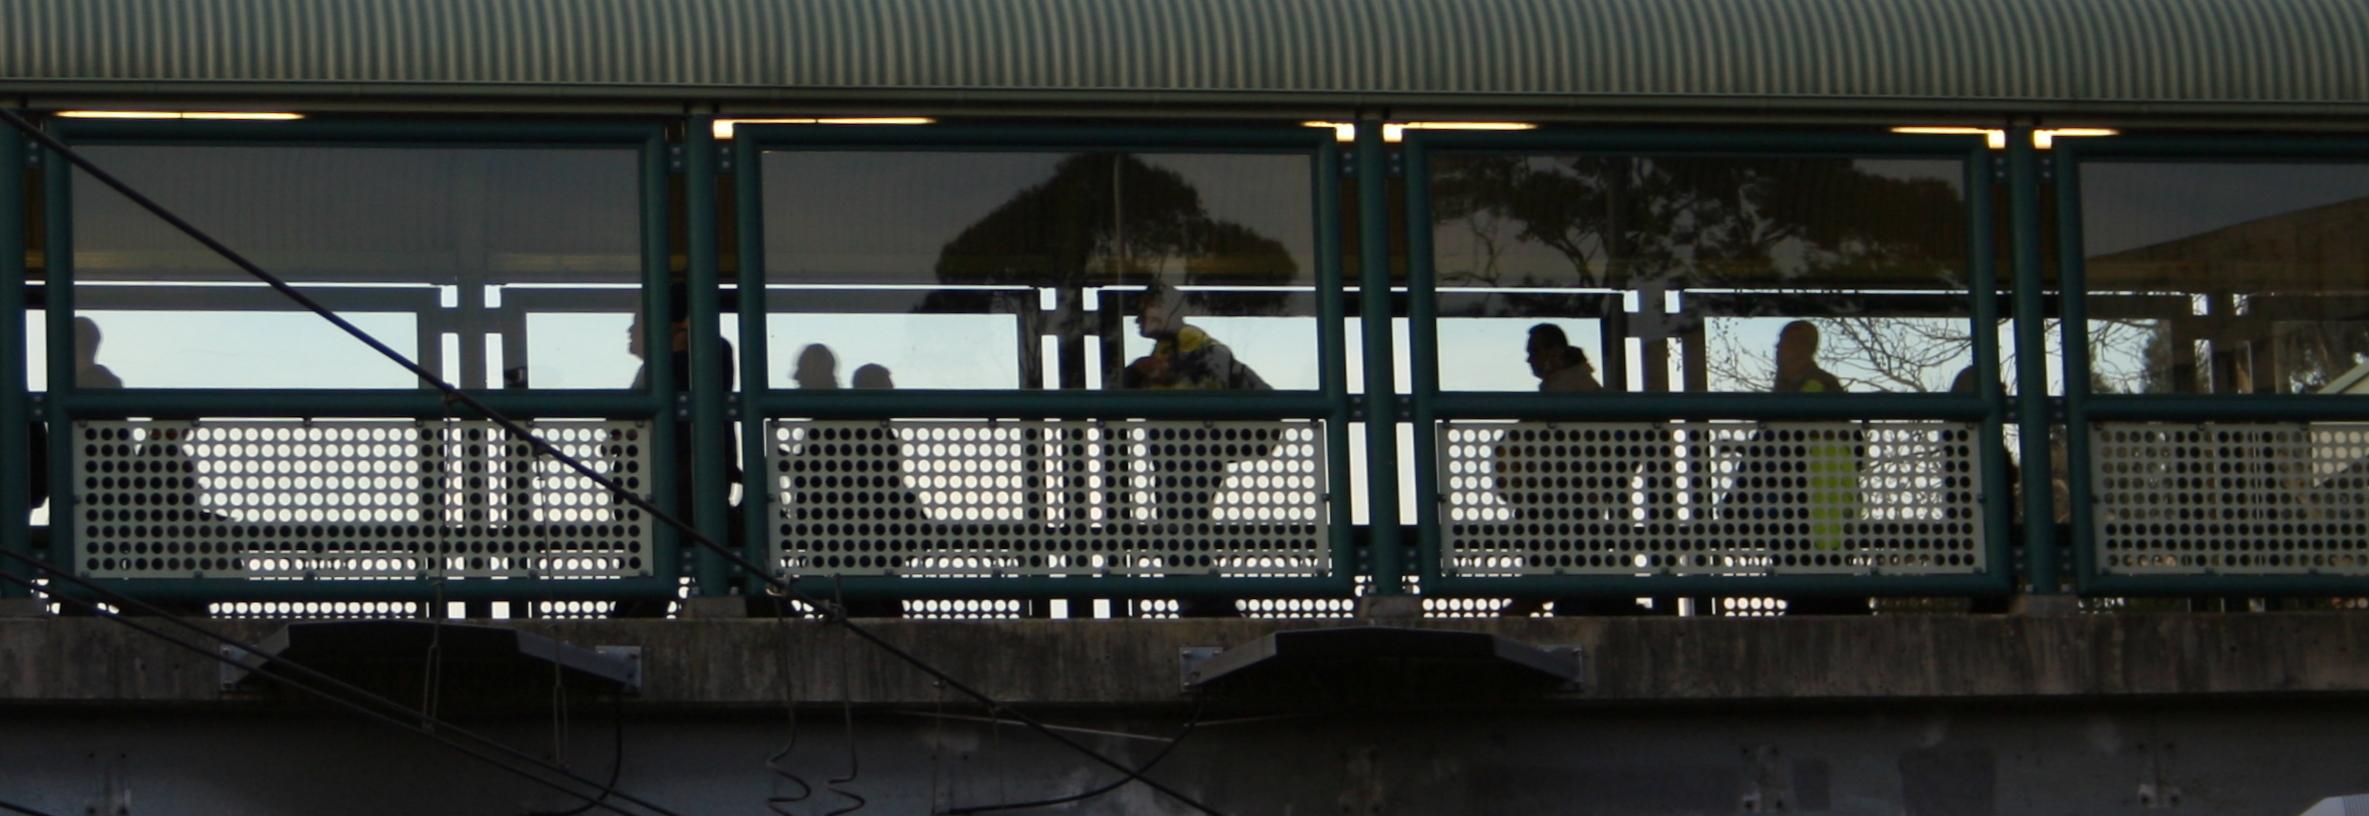 182_Walkway Pan.jpg